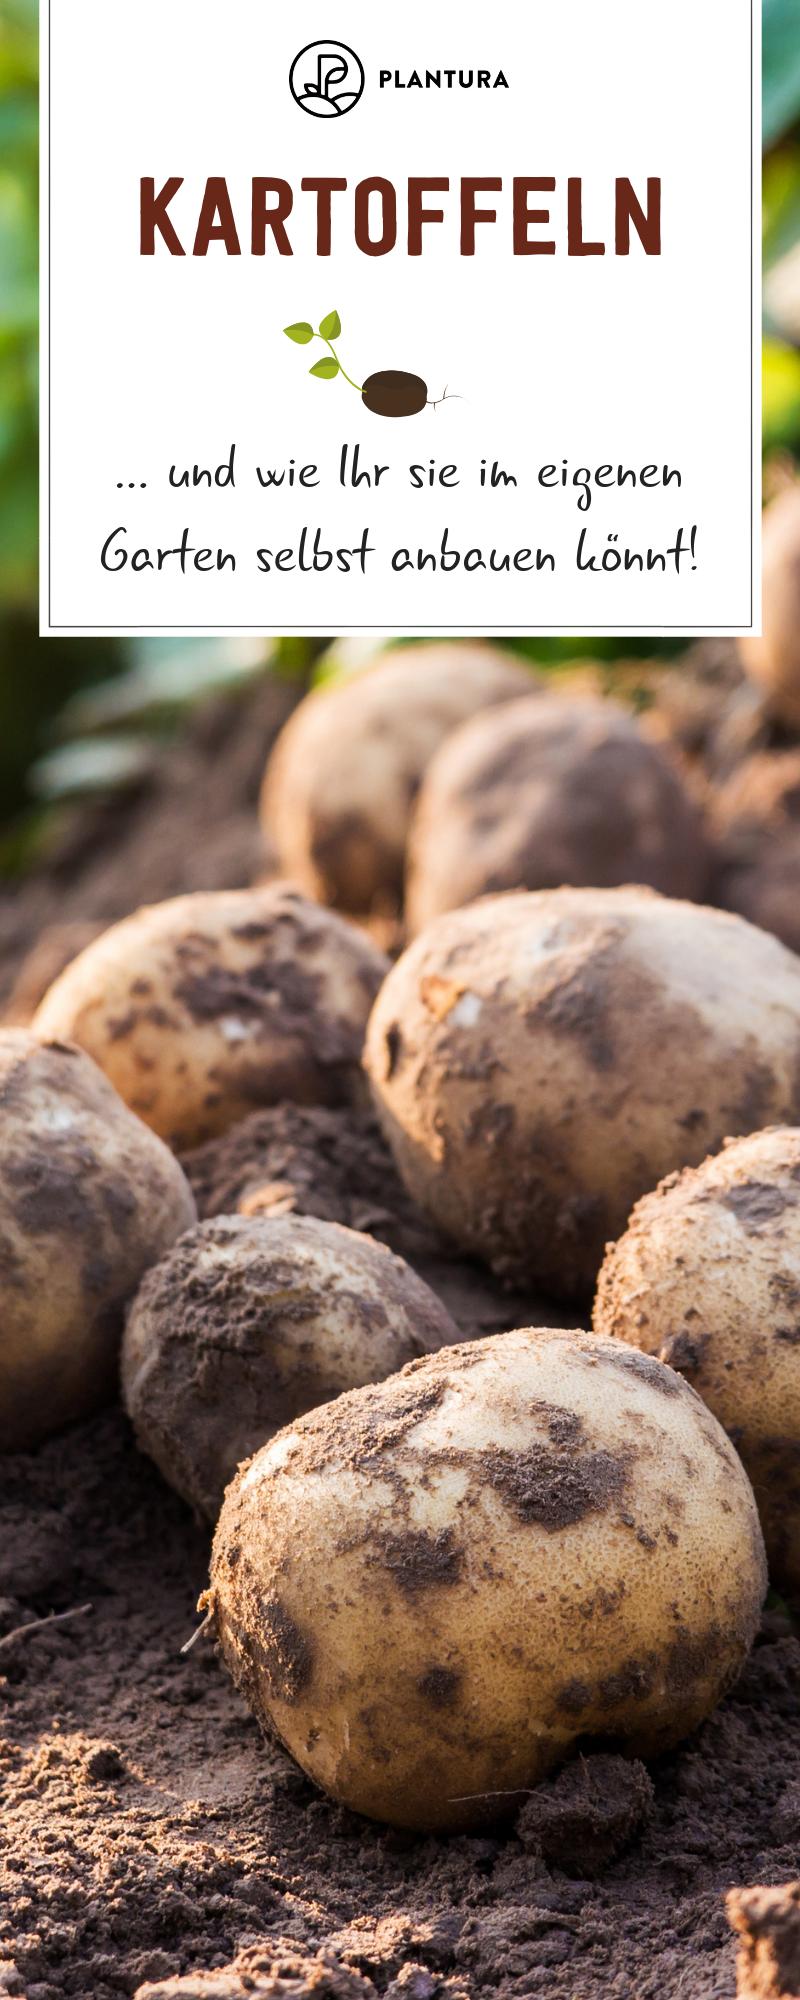 10 Tipps Fur Den Kartoffelanbau Im Eigenen Garten Plantura Garten Gemusegarten Anlegen Gemuse Anbauen